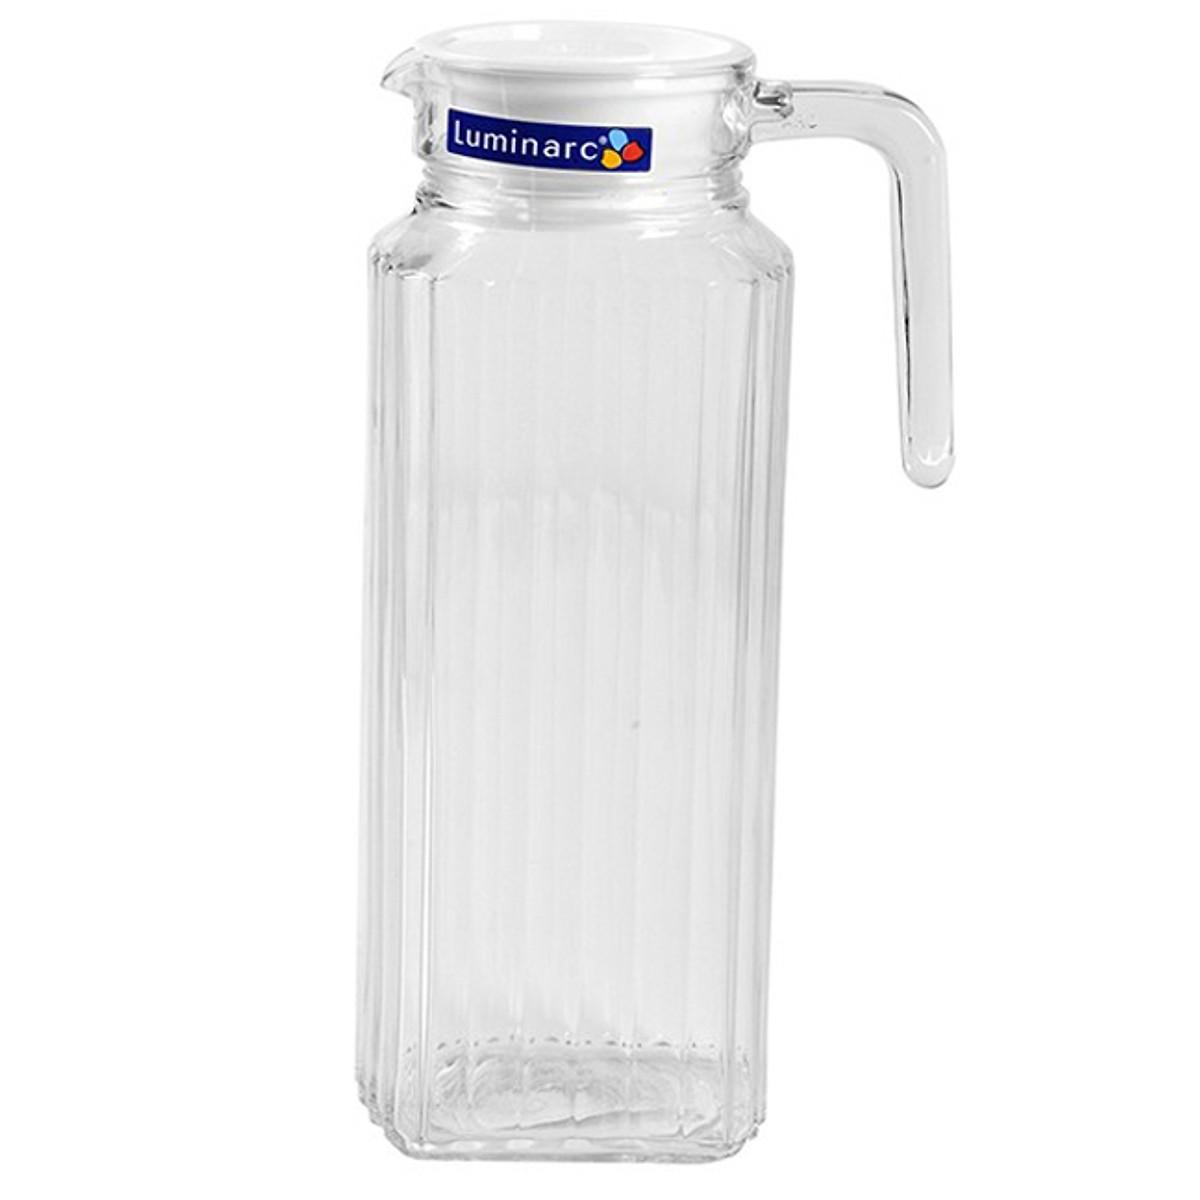 Bình đựng nước thủy tinh Luminarc Quadro 1.3 lít